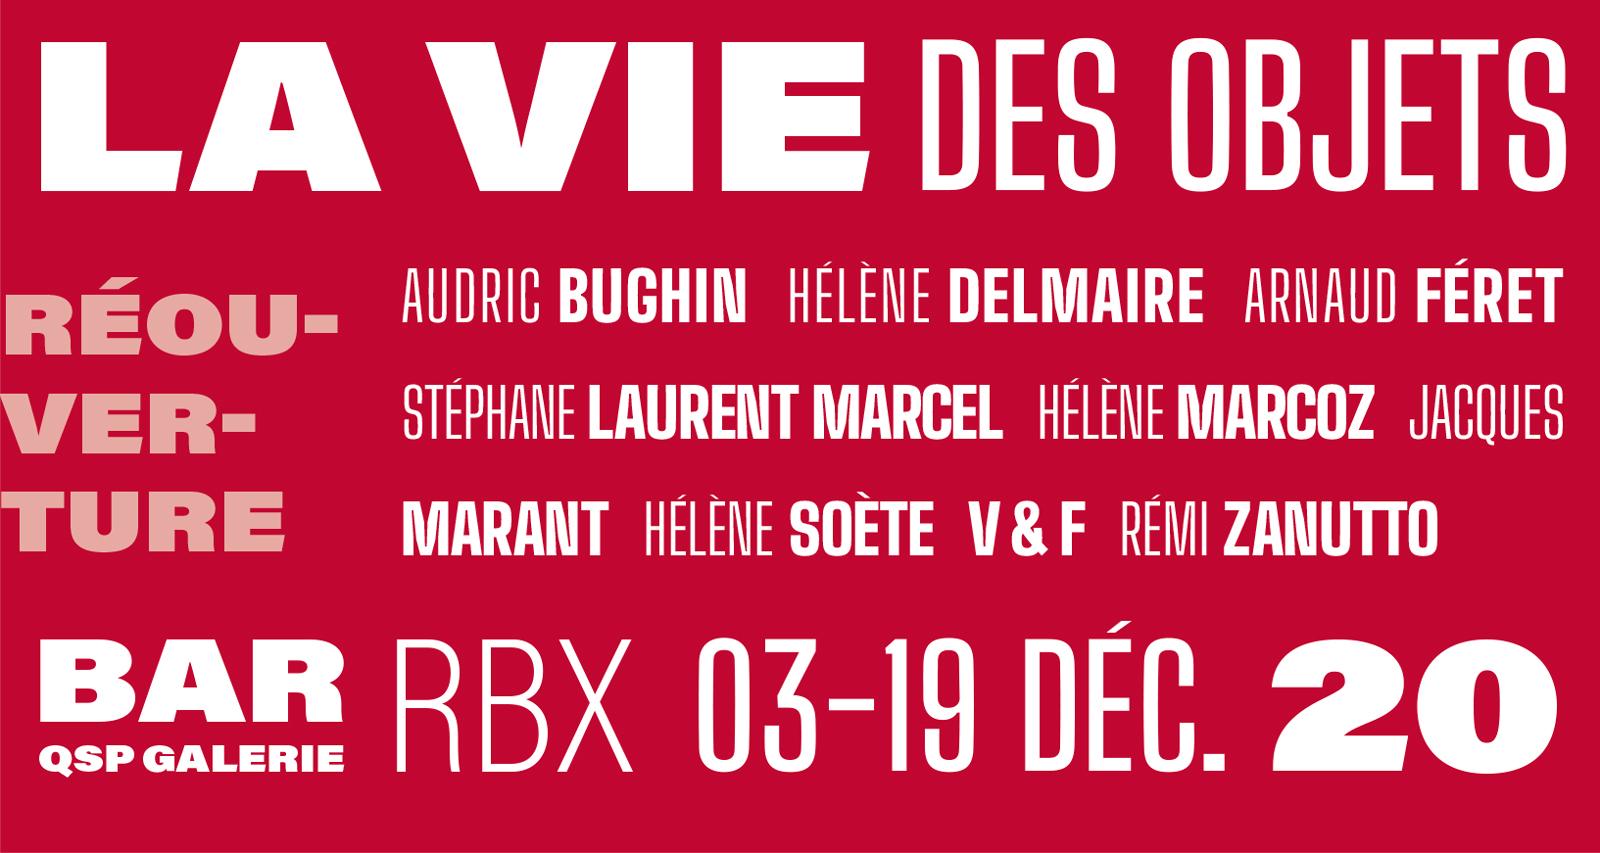 La vie des objets   Audric Bughin, Hélène Delmaire, Arnaud Féret, Stéphane Laurent Marcel, Hélène Marcoz, Jacques Marant, Hélène Soète, V&F, Rémi Zanutto